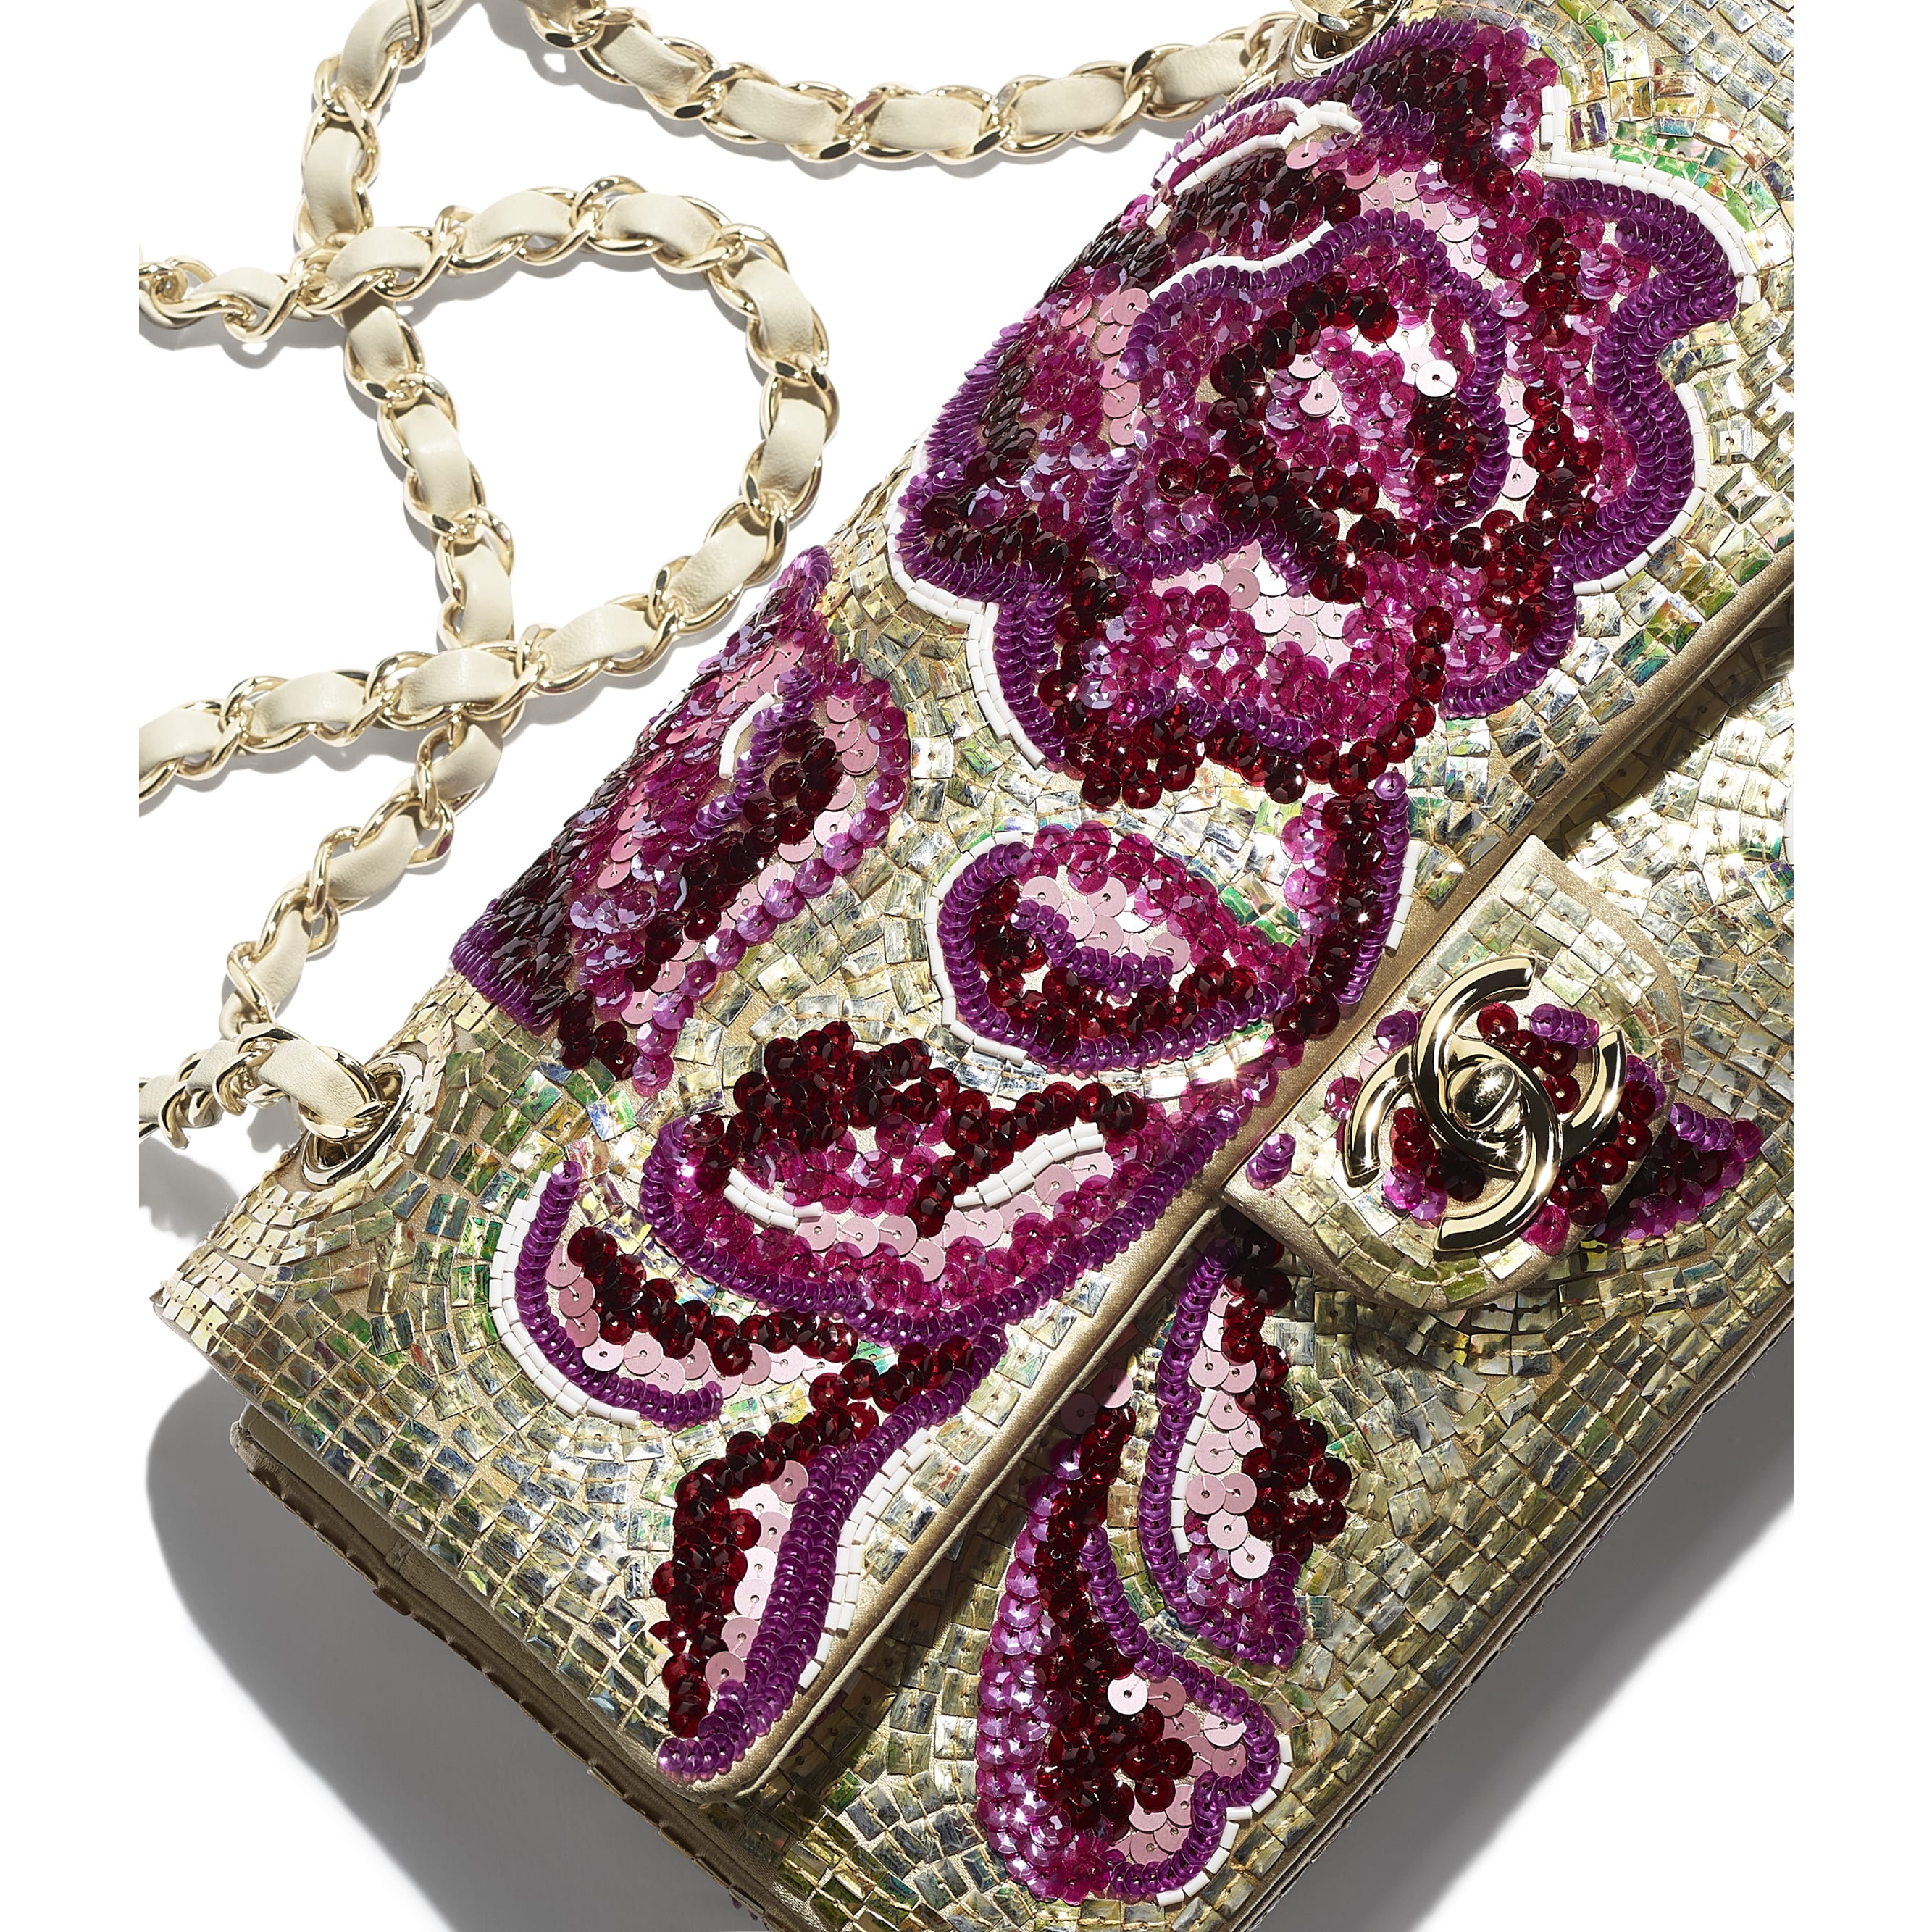 Классическая сумка-конверт - Фиолетовый и золотистый - Пайетки, стеклянный жемчуг, кожа ягненка и золотистый металл - CHANEL - Дополнительное изображение - посмотреть изображение стандартного размера